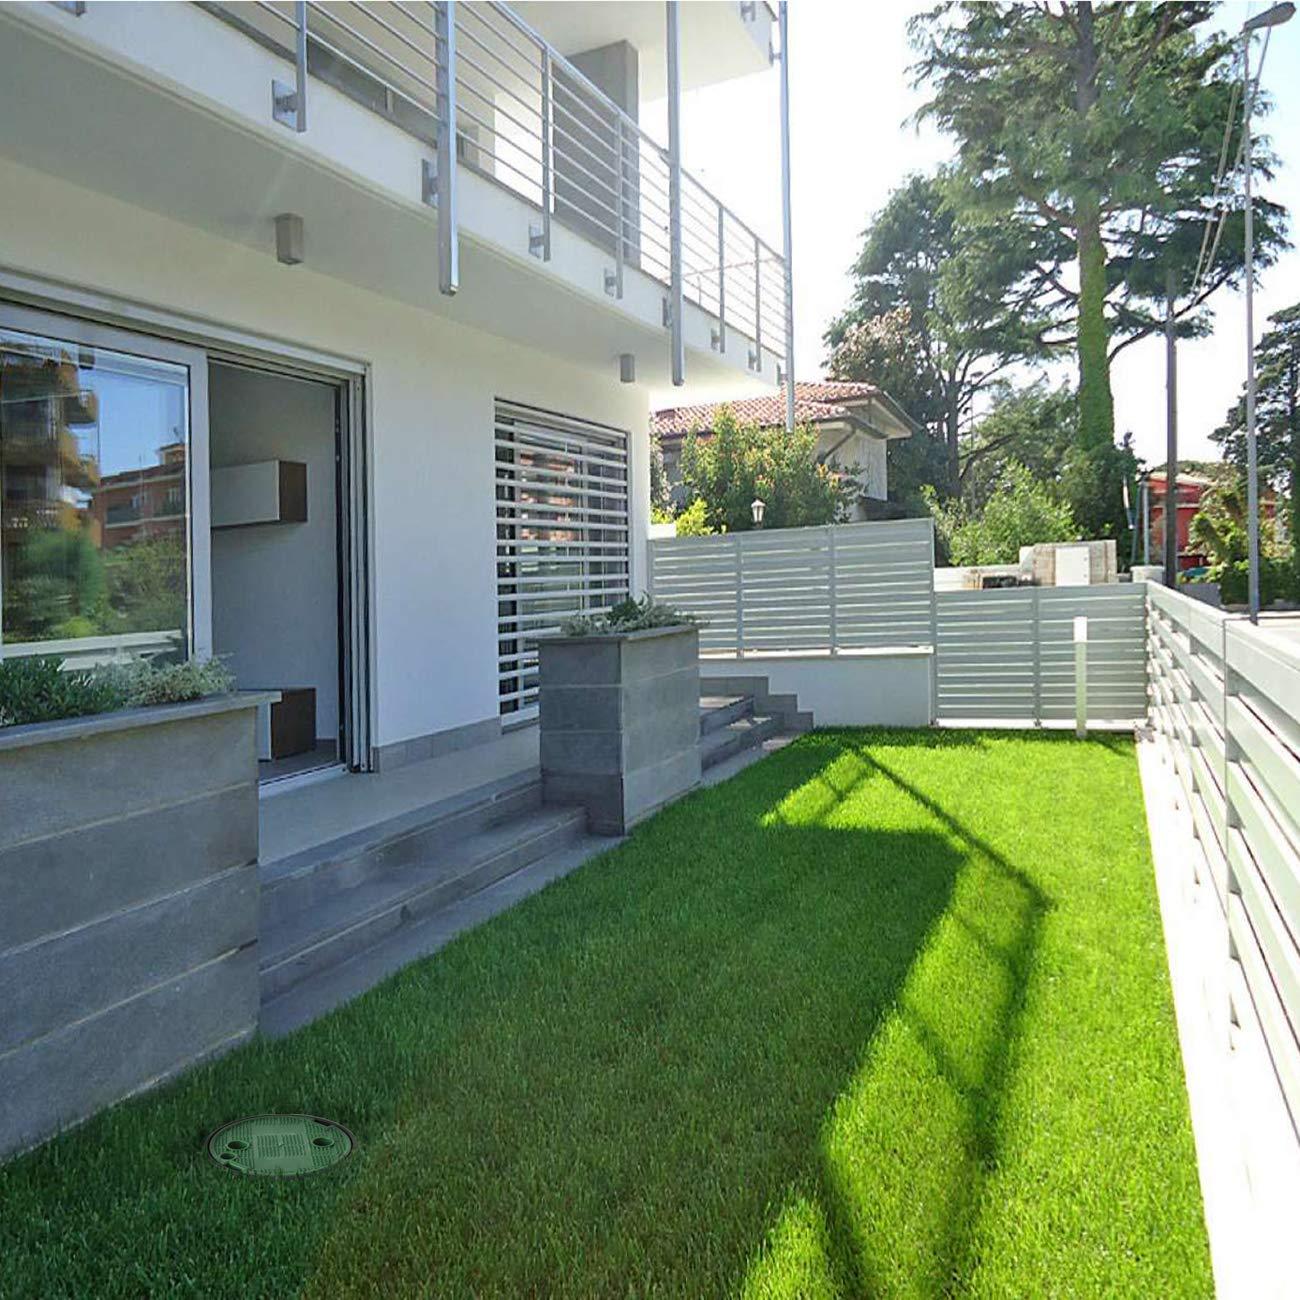 170/mm gr/ün First Plast pzcrp17/V-y Ventilbox Garten mit Deckel PEDONABILE